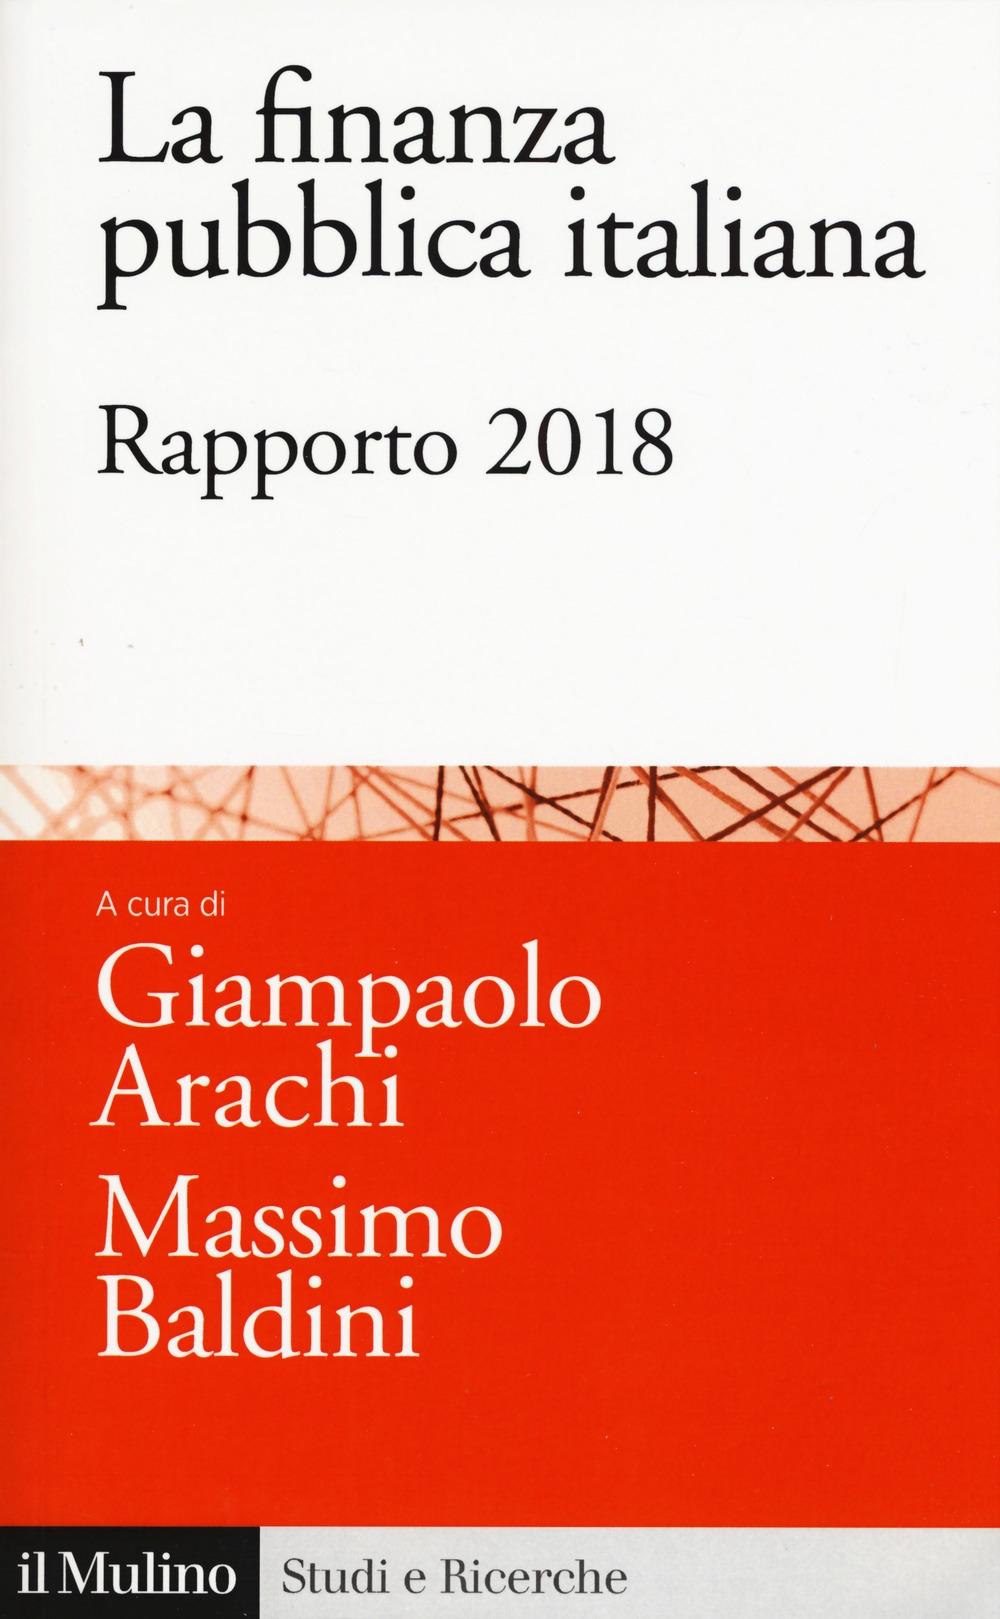 La finanza pubblica italiana. Rapporto 2018